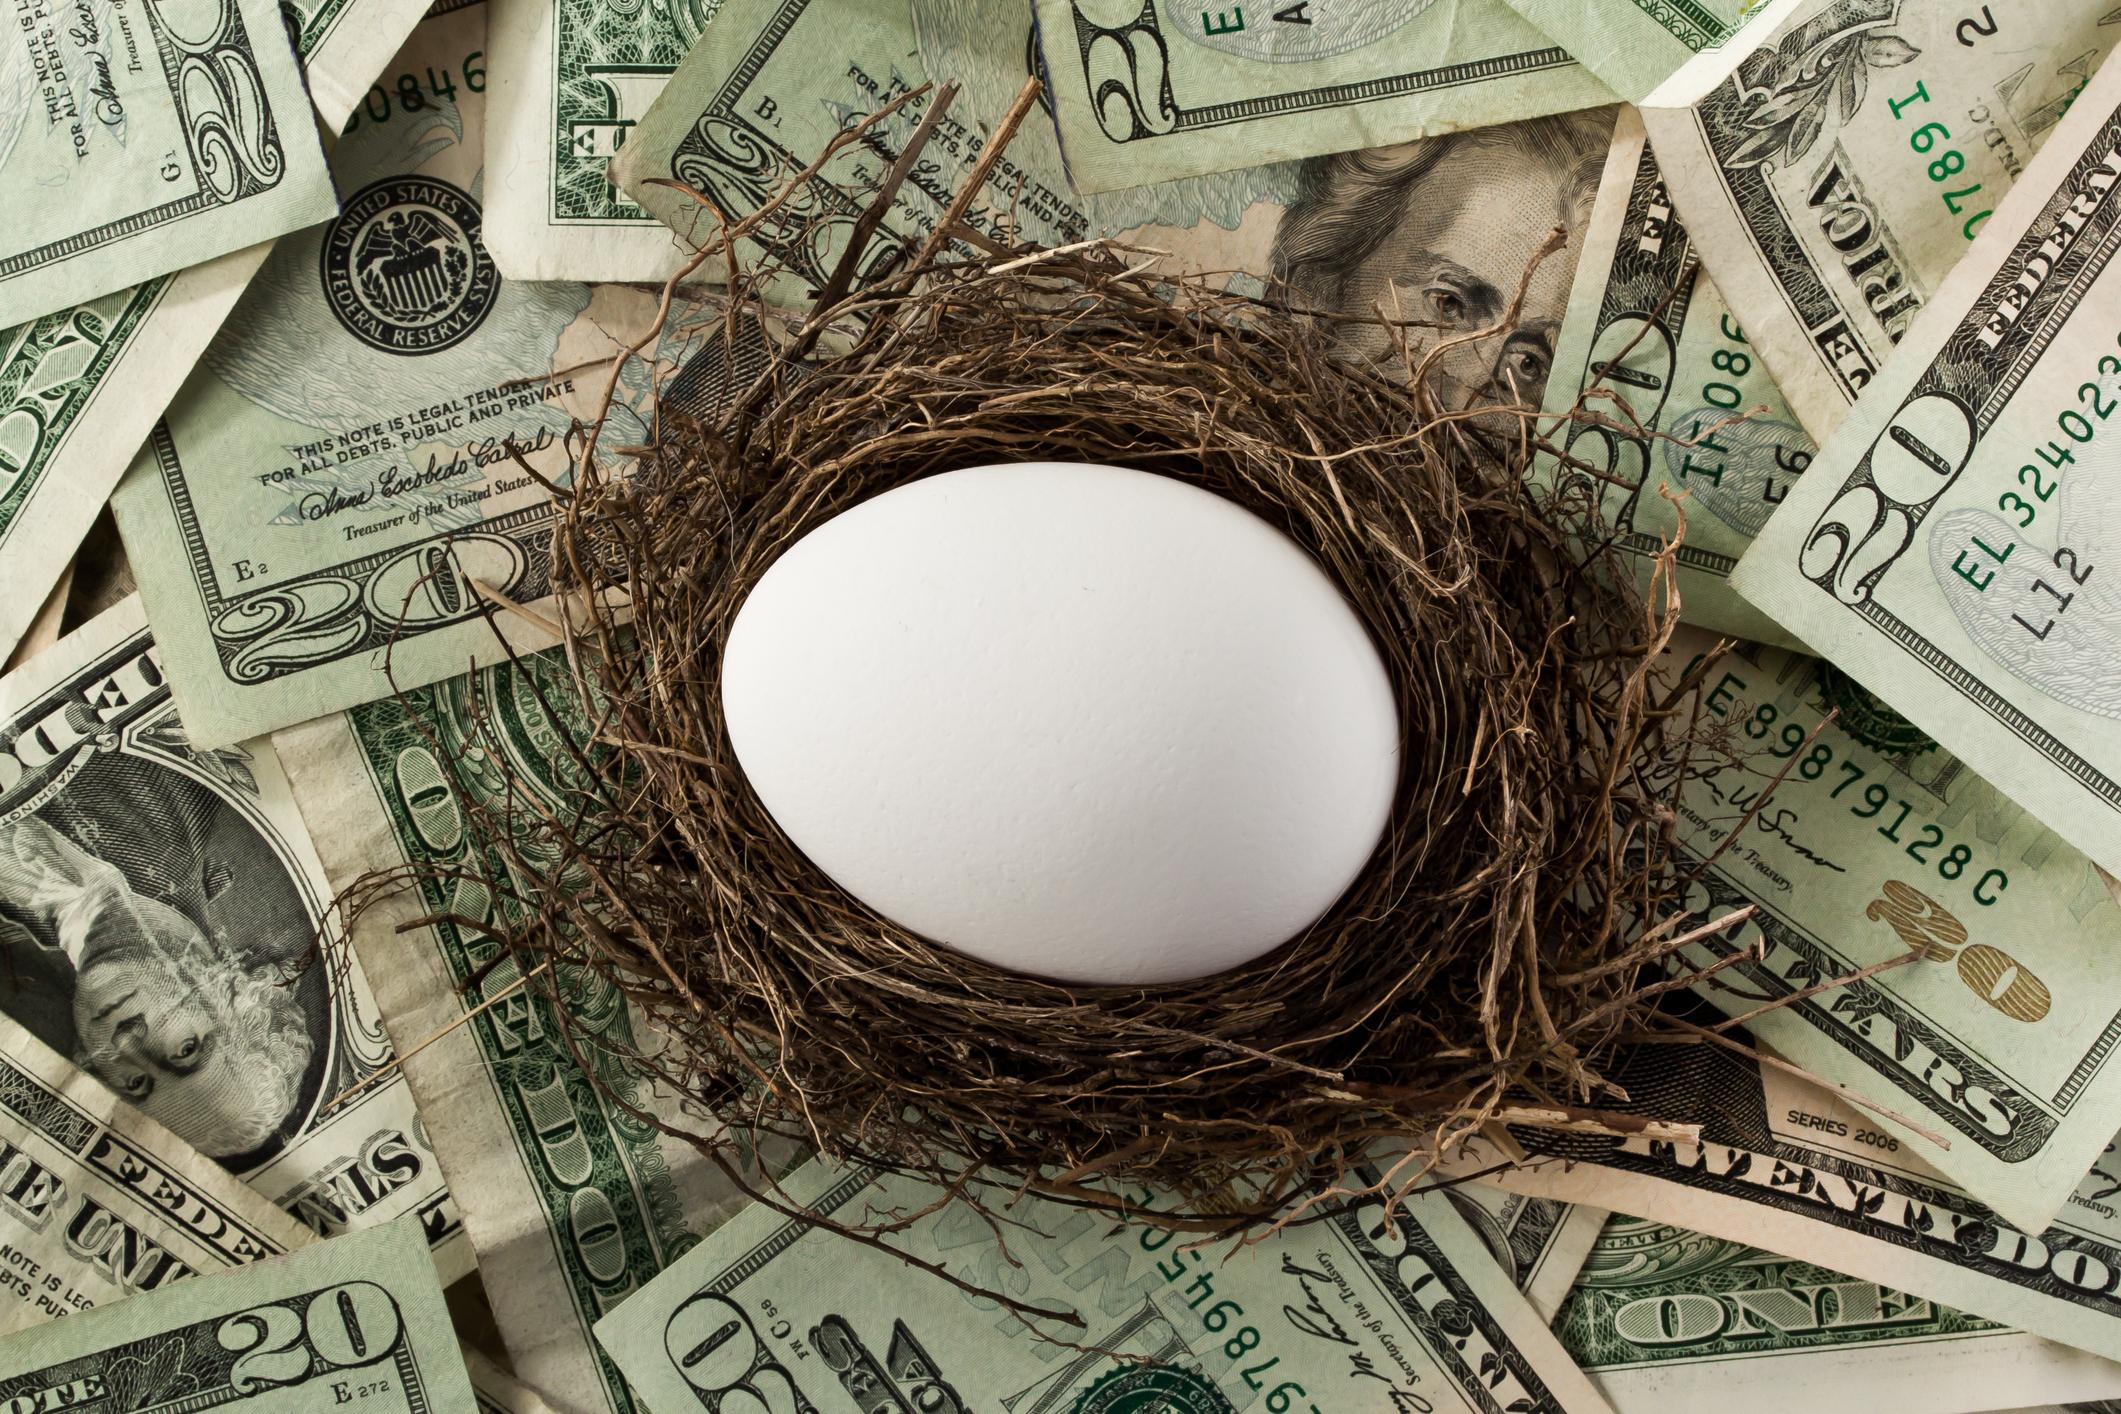 An egg in a nest atop a pile of twenty-dollar bills.